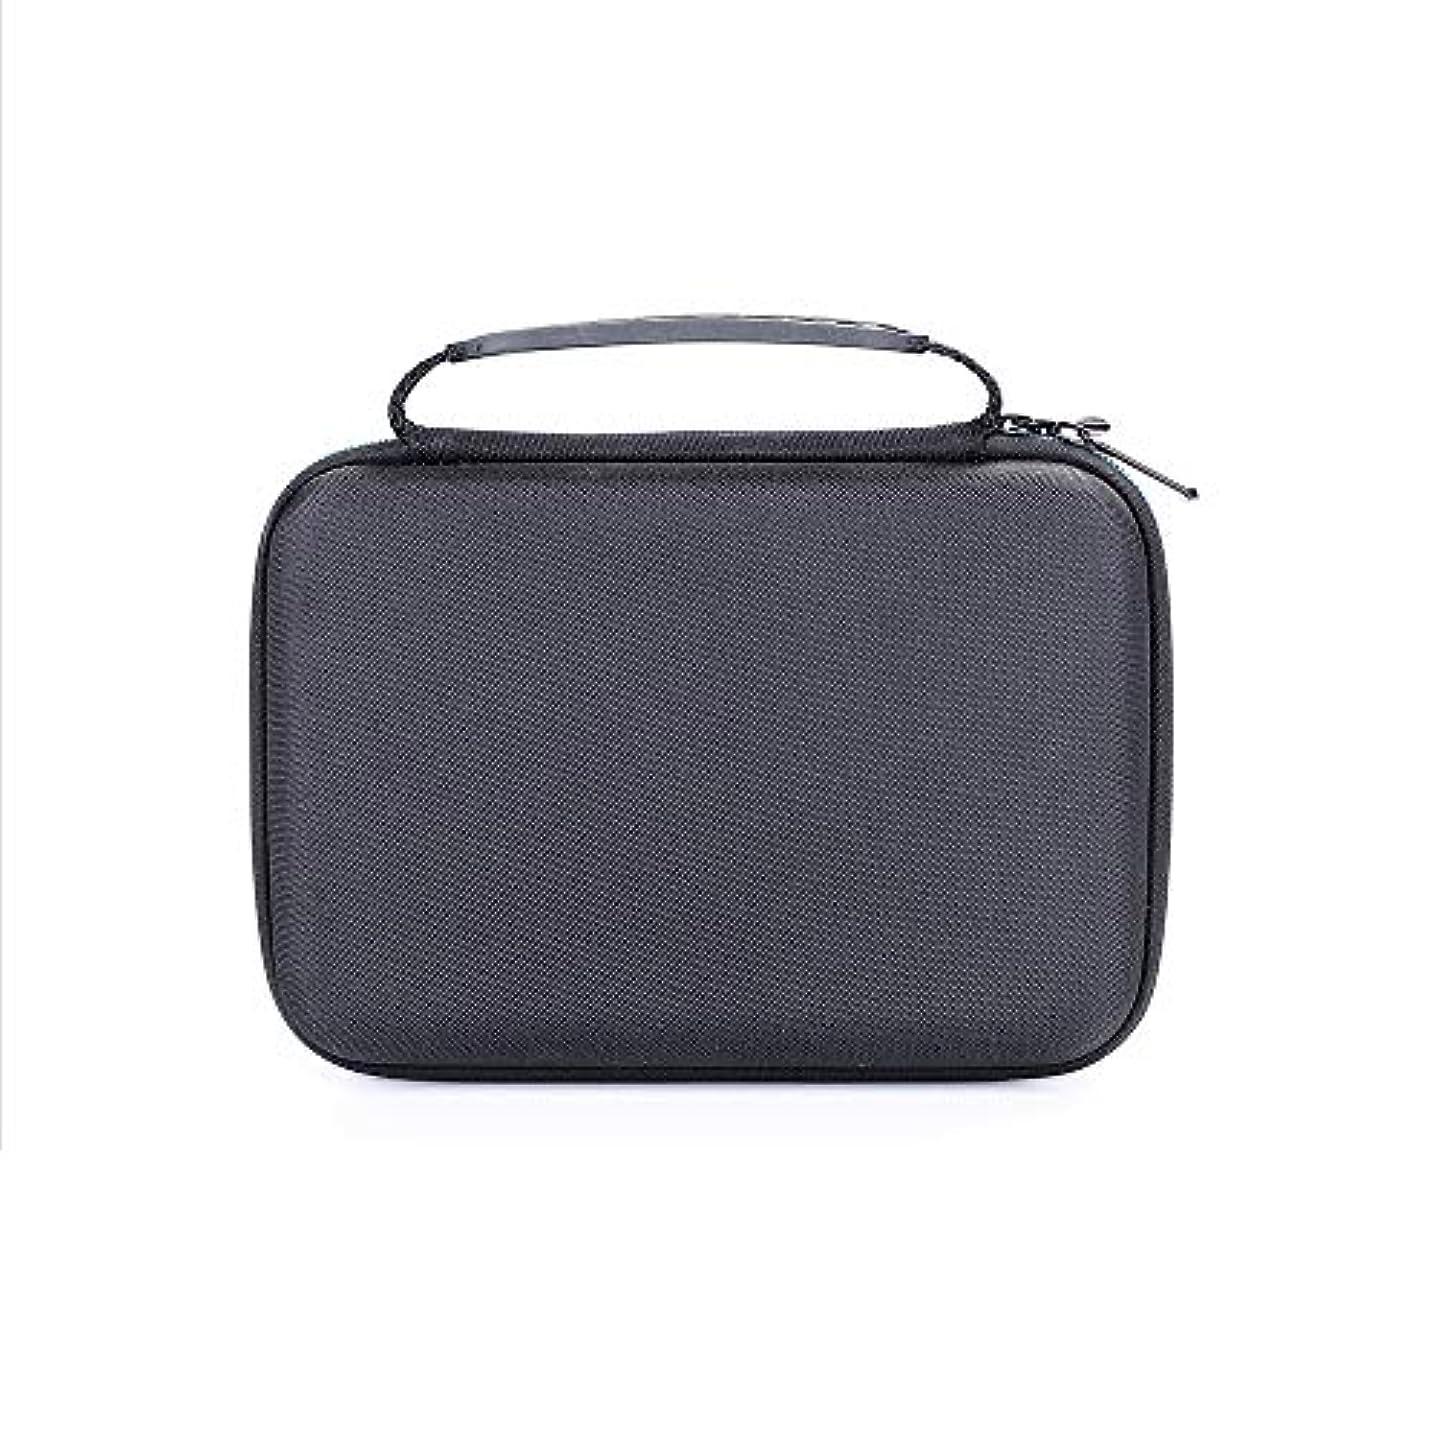 ティーンエイジャーフィードオン収縮Xigeapg ポータブルの旅行用Evaハード携帯用ケース、保護ボックス、バッグ、 Norelco Multi Groom シリーズ 3000 Mg3750用